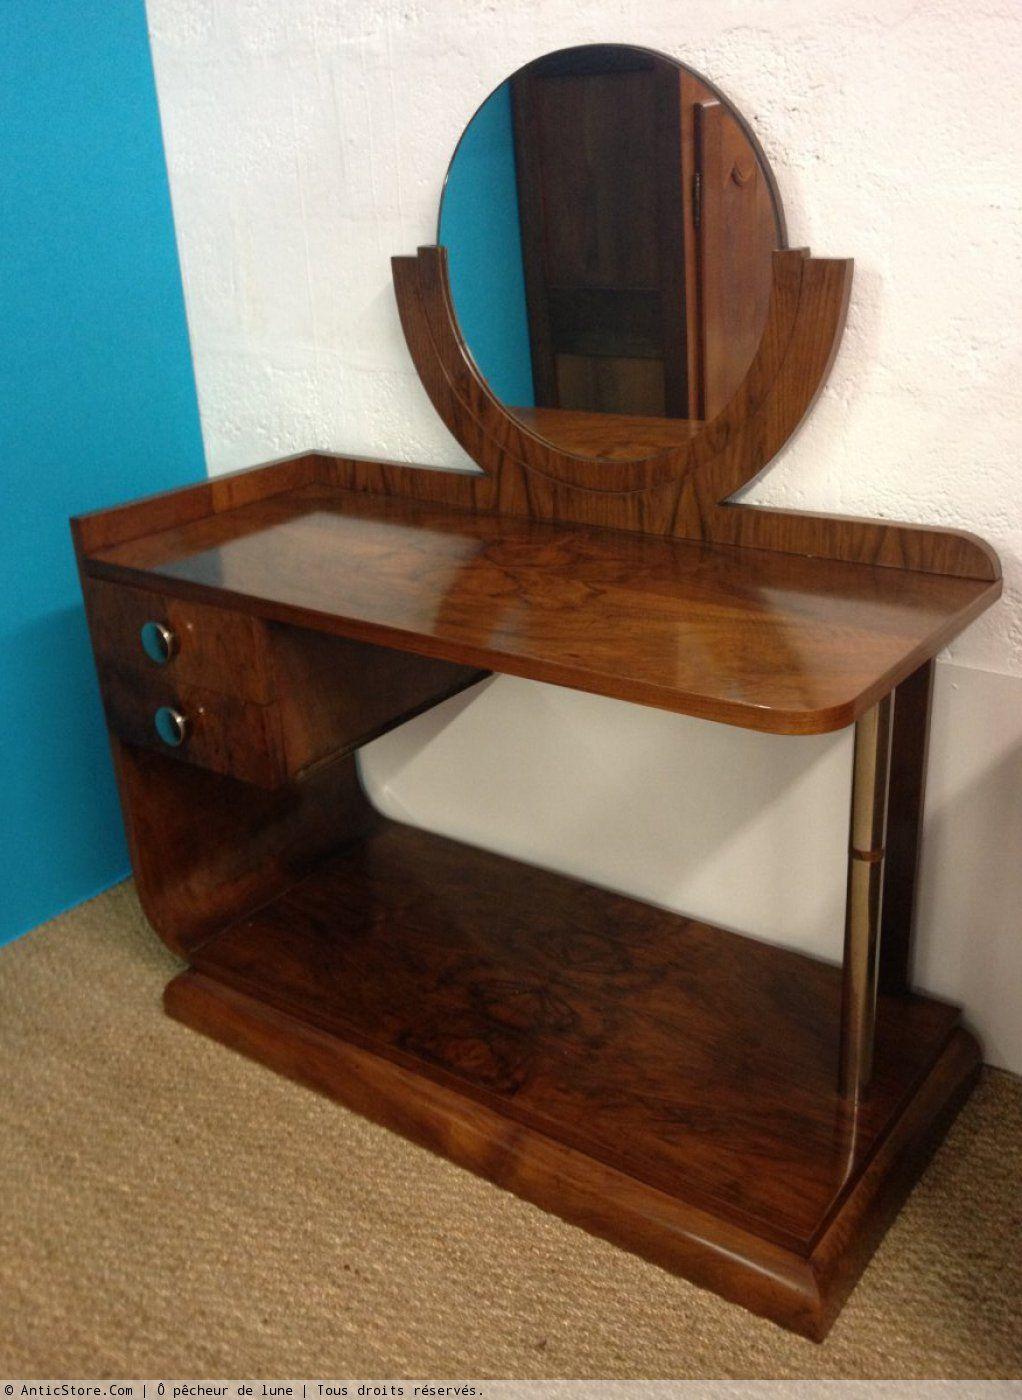 coiffeuse art d co deco pinterest art deco art deco furniture and deco furniture. Black Bedroom Furniture Sets. Home Design Ideas